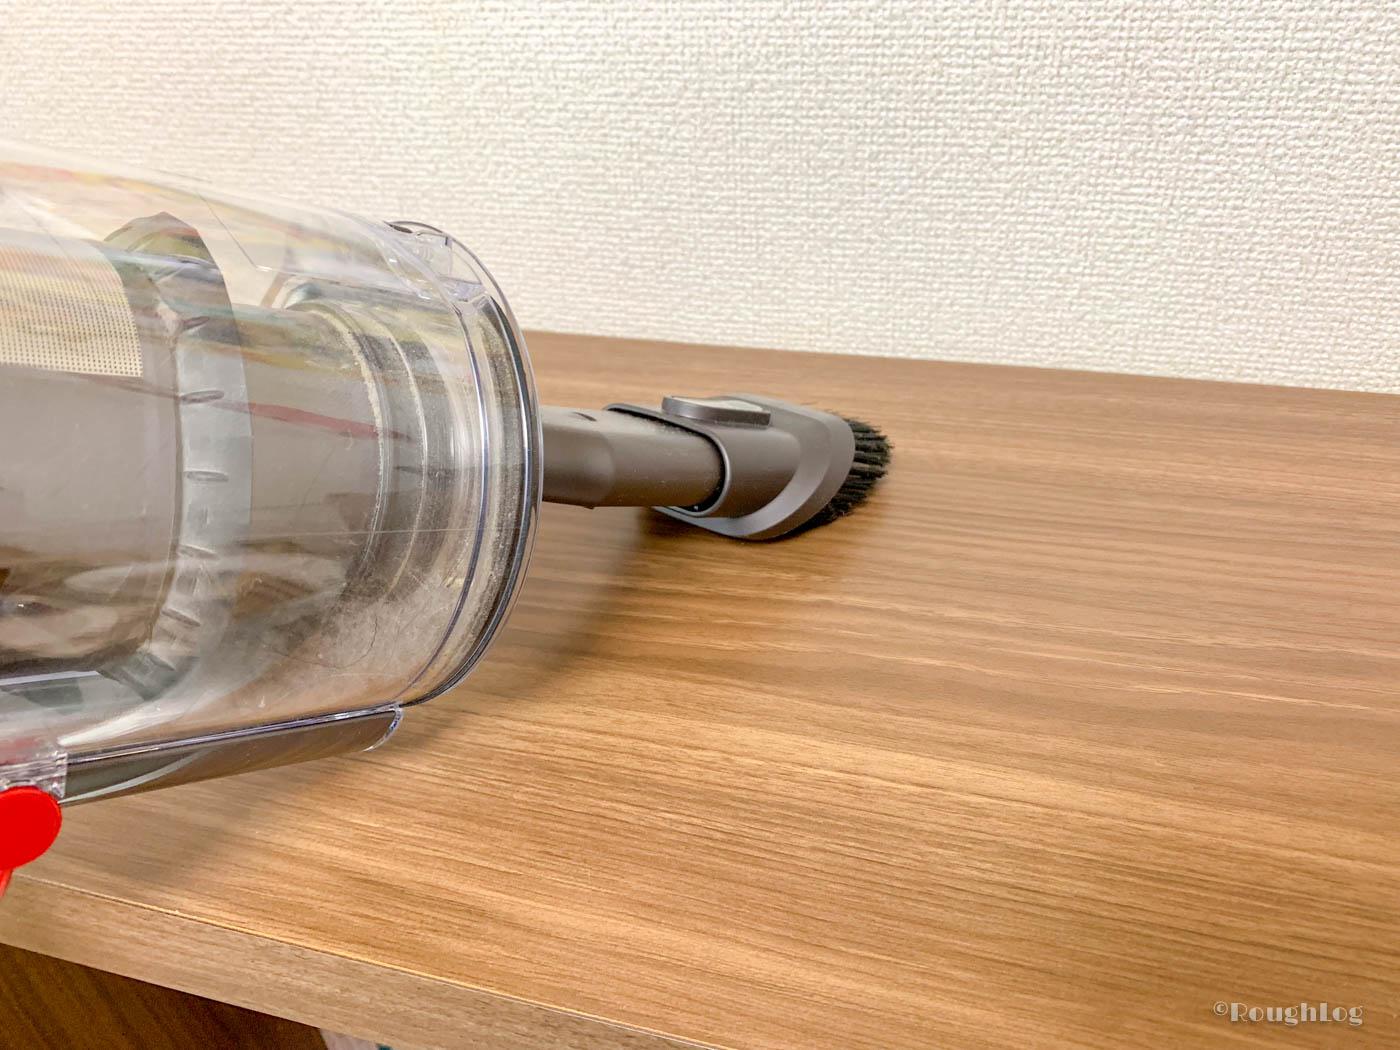 ダイソンコードレスクリーナーなら棚の上でもラクラク掃除機がけ